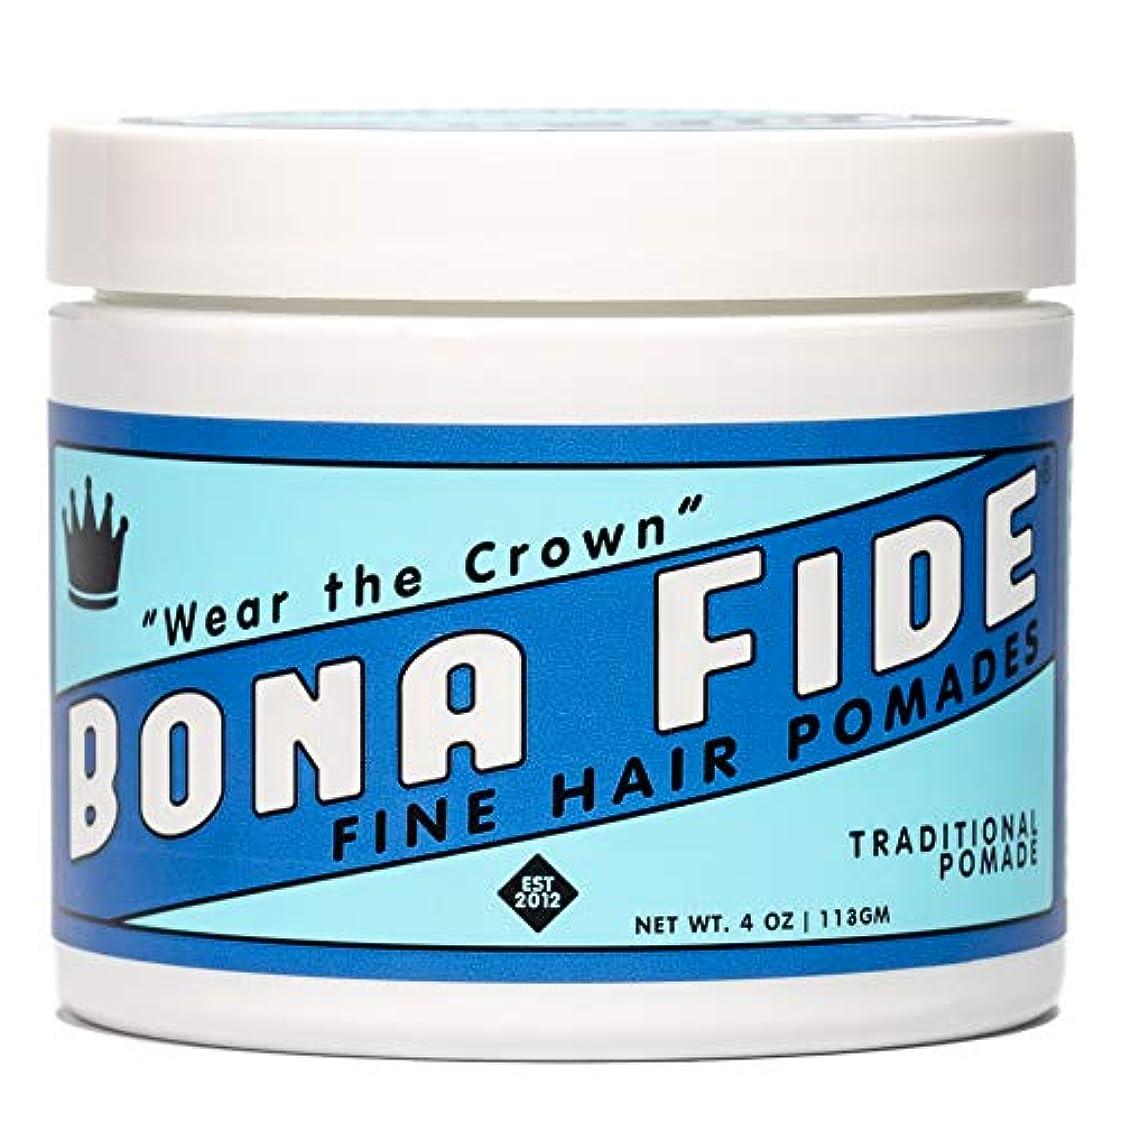 和らげるバナーペルーBona Fide Pomade, トラディショナルポマード, TRADITIONAL POMADE, 4oz (113g)、オイルベースポマード (整髪料/ヘアー スタイリング剤)